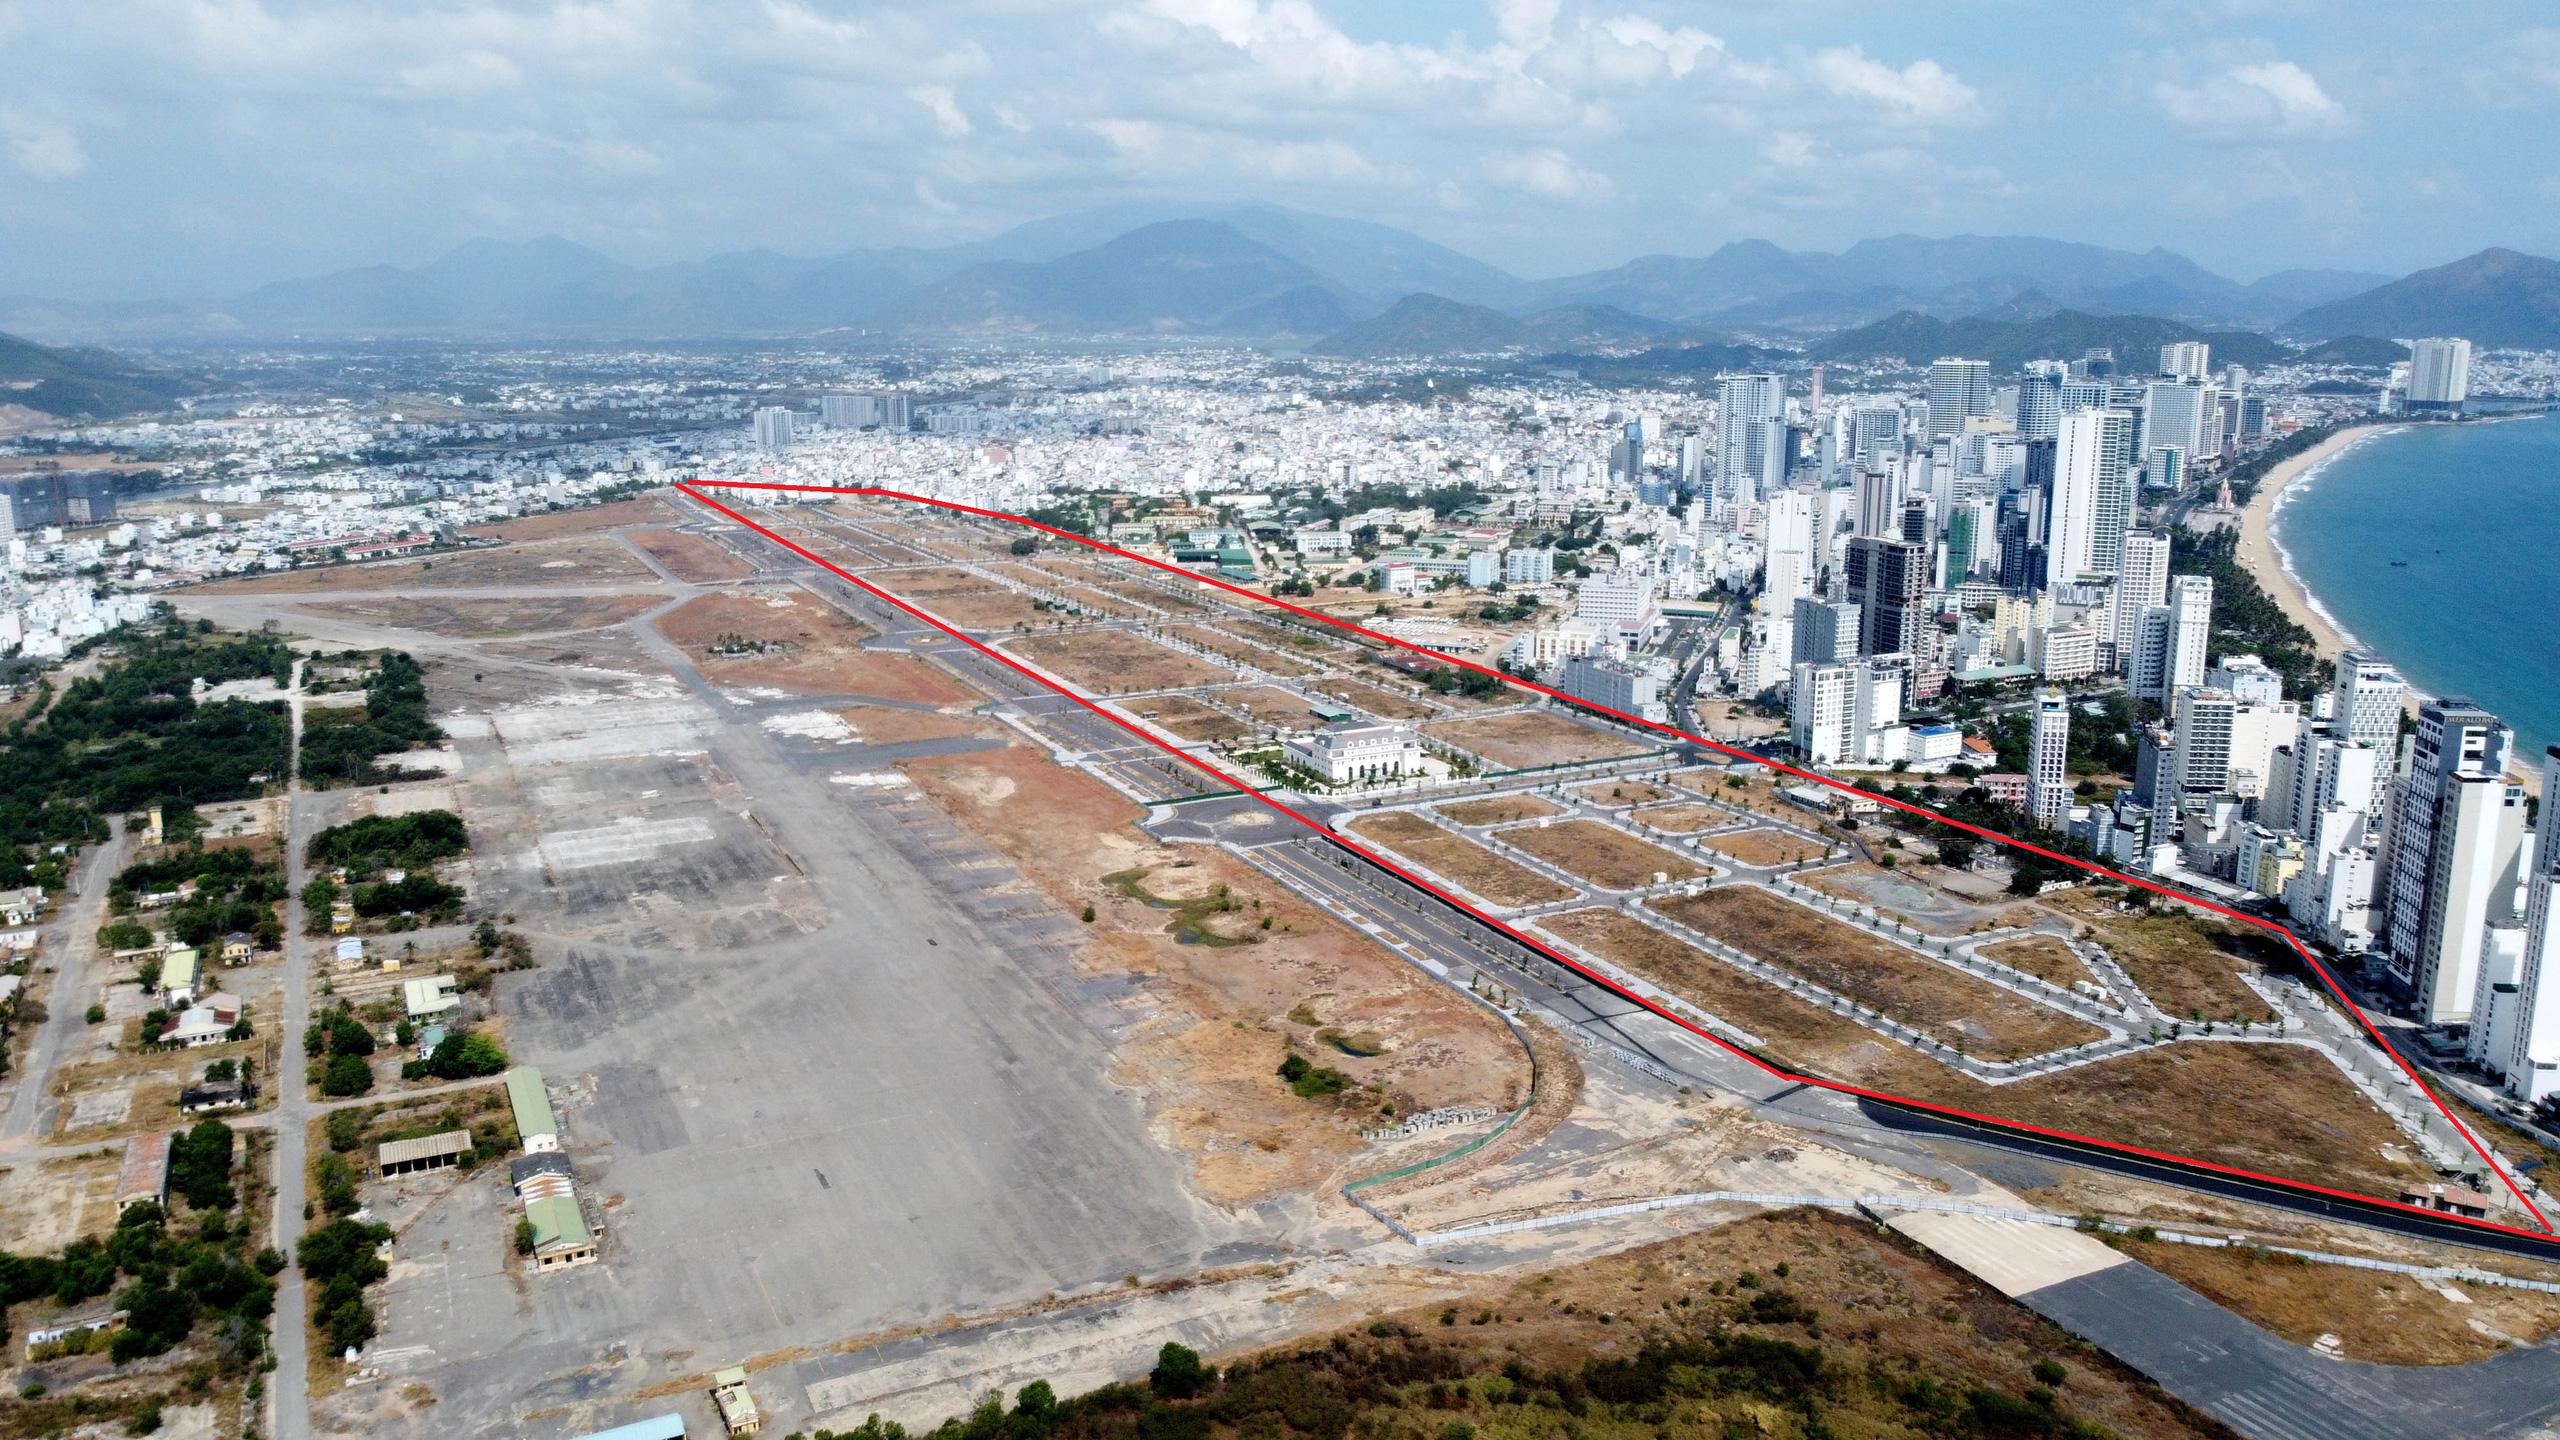 Cận cảnh khu đất sân bay Nha Trang cũ chuẩn bị đấu giá đất - Ảnh 5.